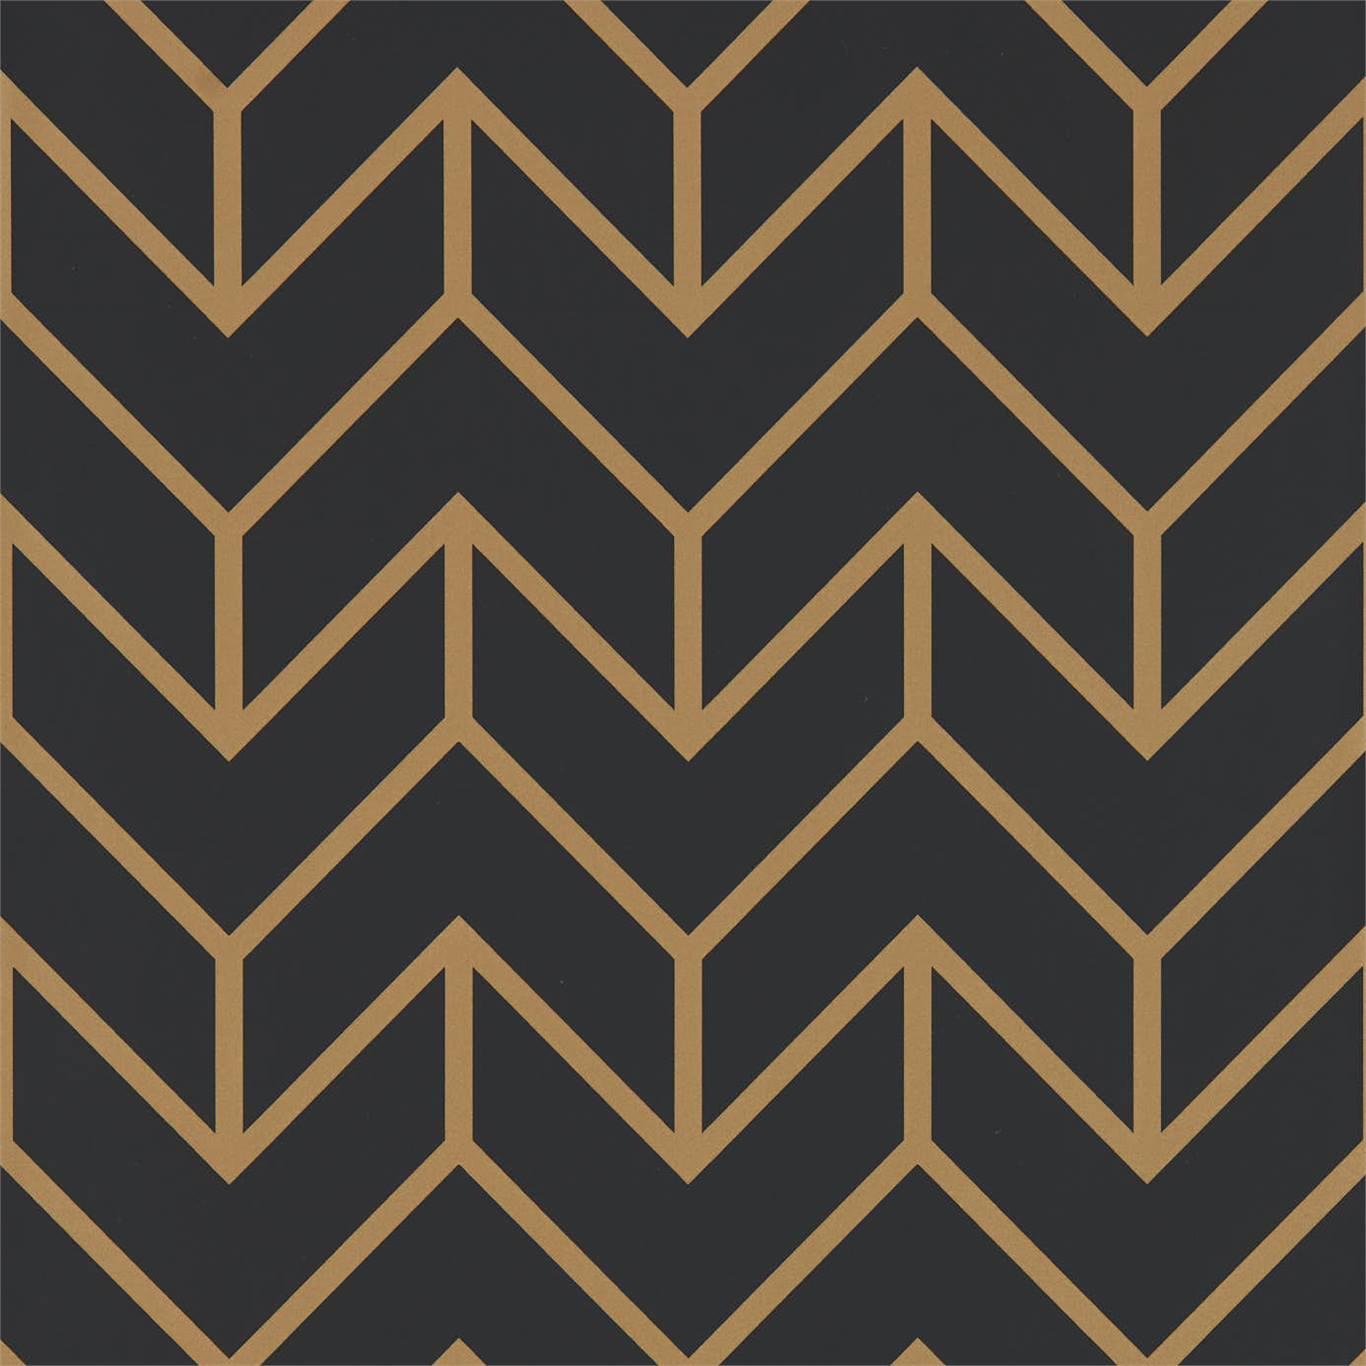 tapetai tapetai Harlequin, Momentum 5, Tessellation, 111985